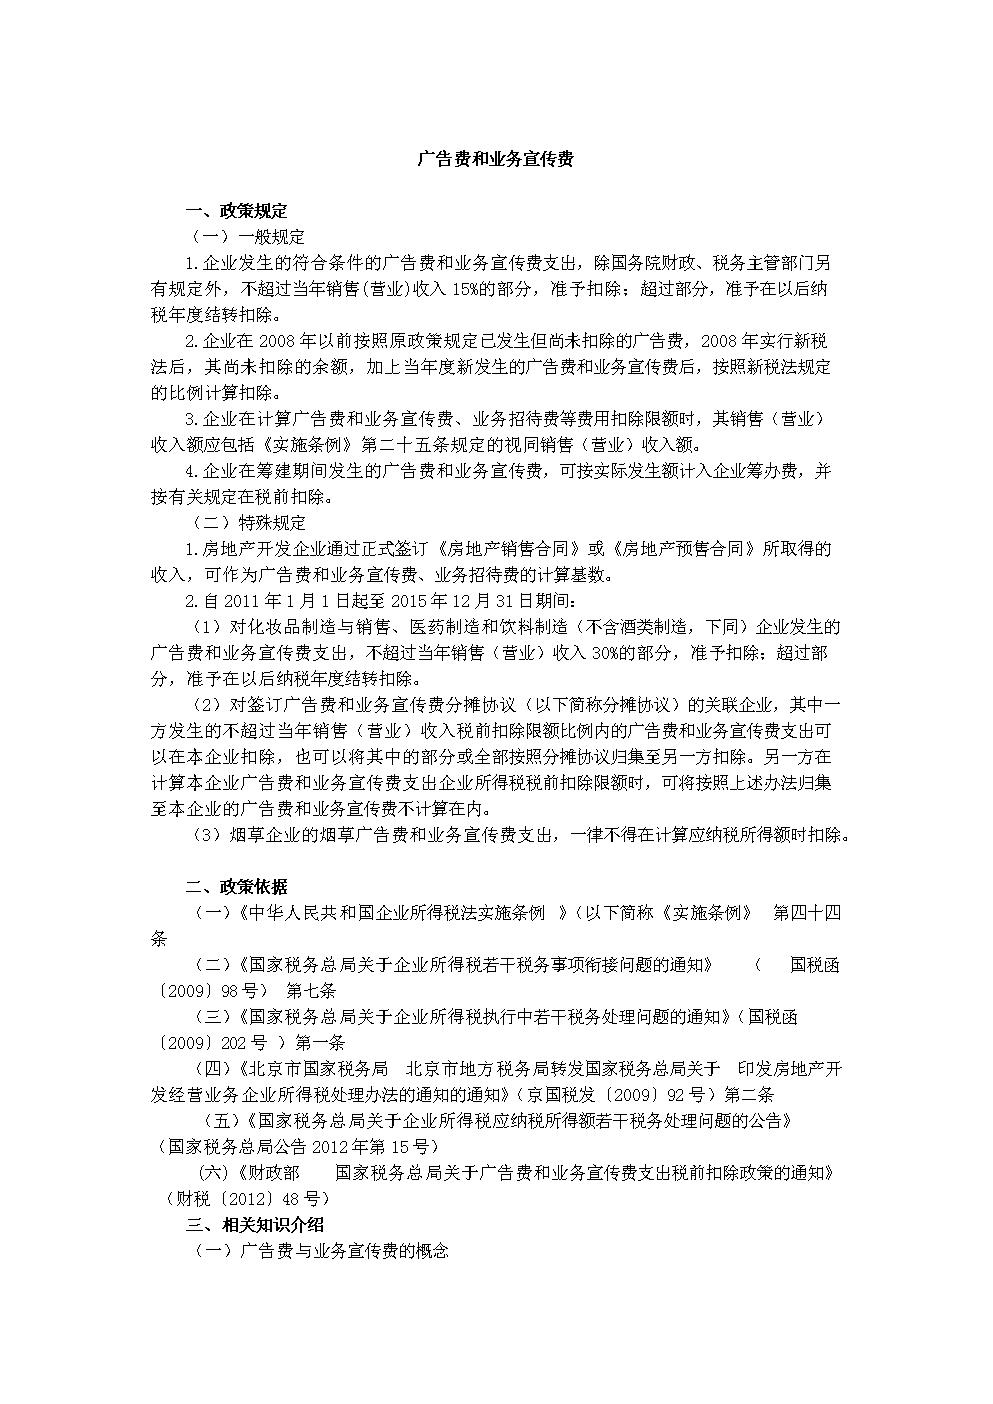 X年北京市朝阳区企业所得税汇算清缴指南.do